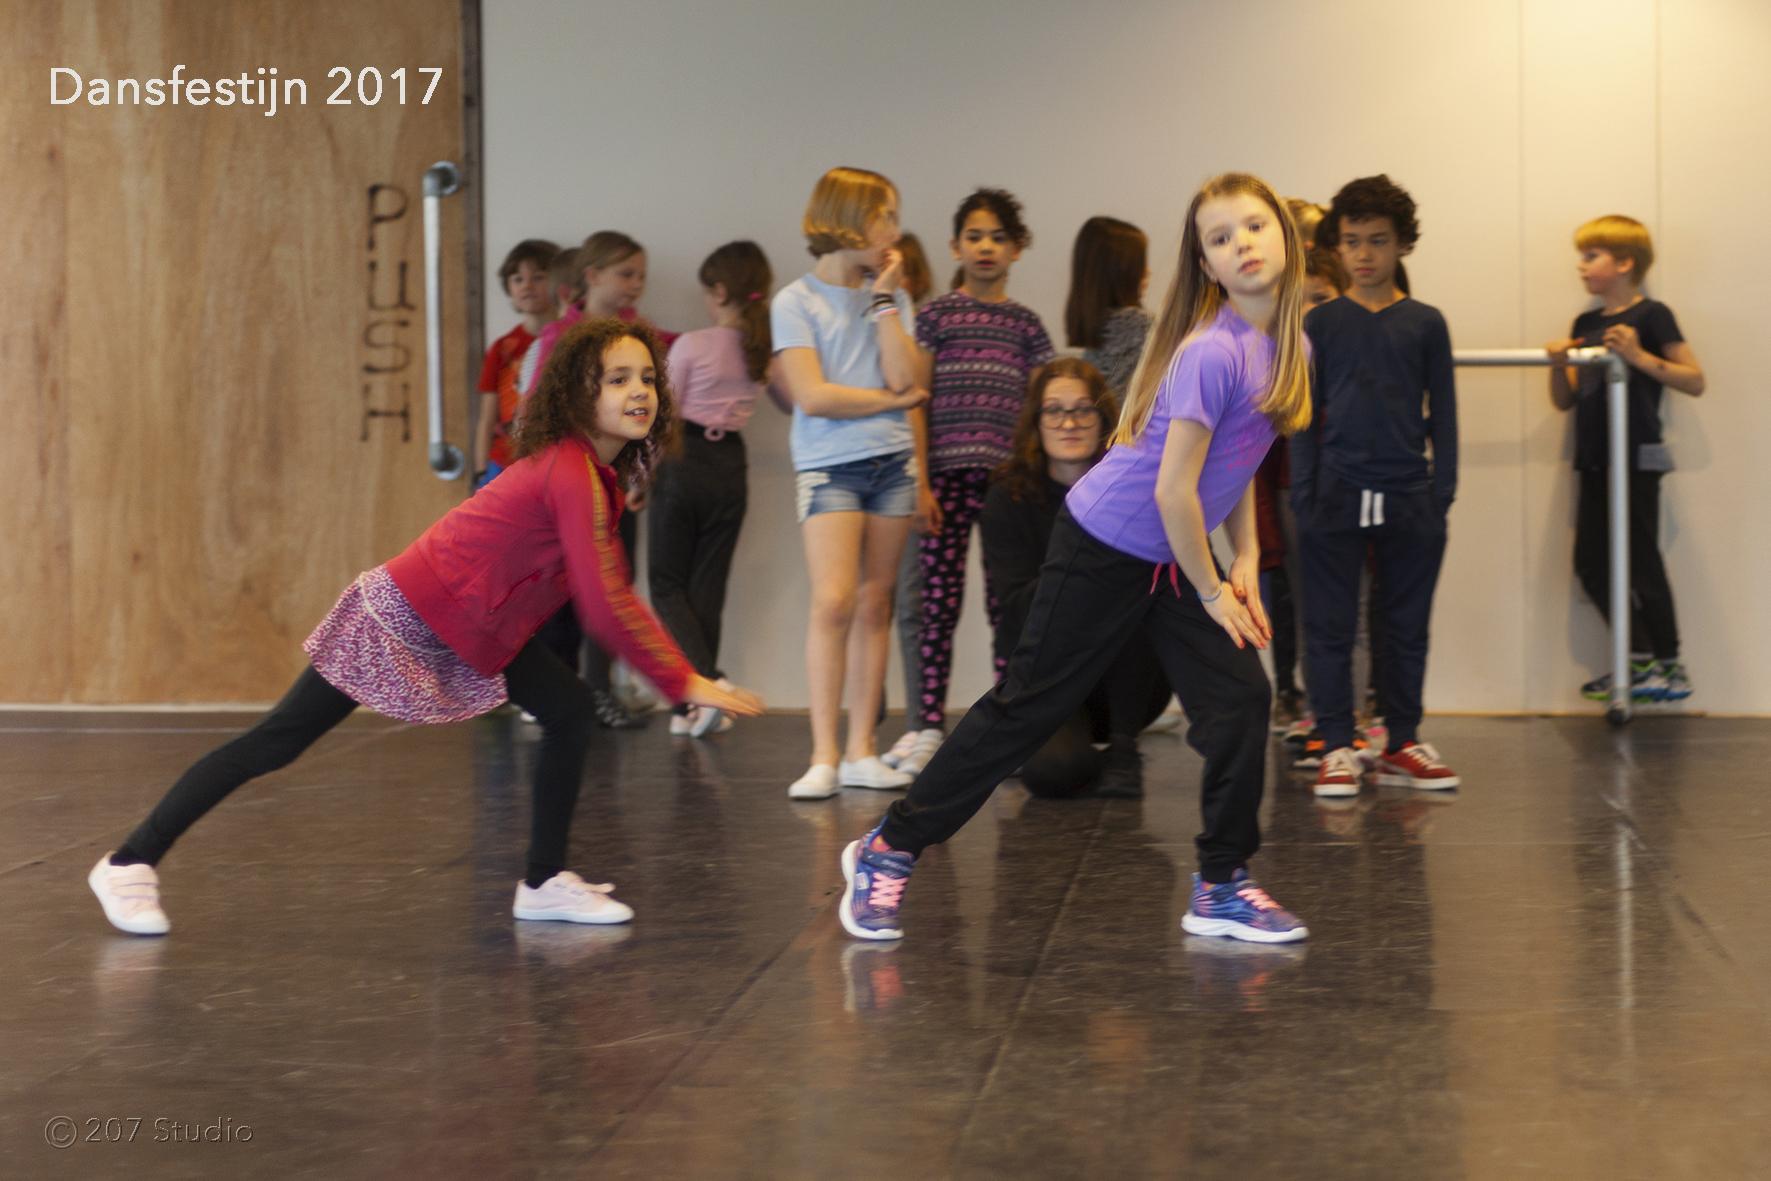 Dansfestijn